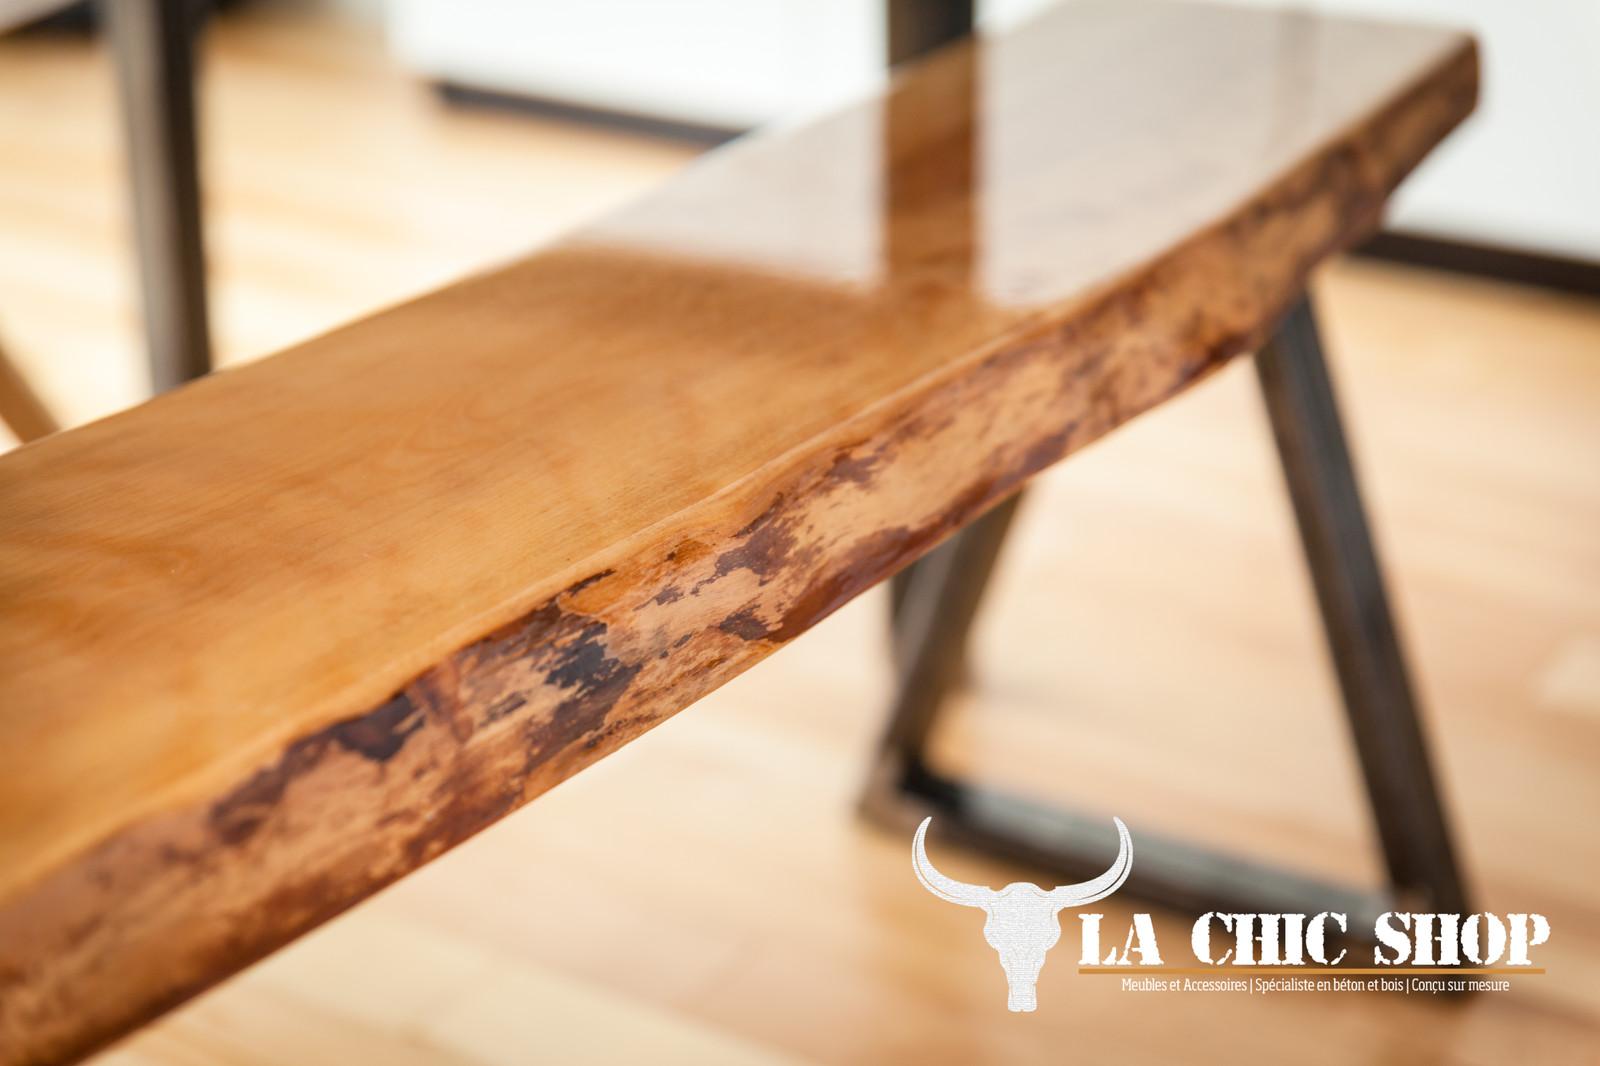 La chic shop meubles accessoires b ton bois for Meuble boucherville